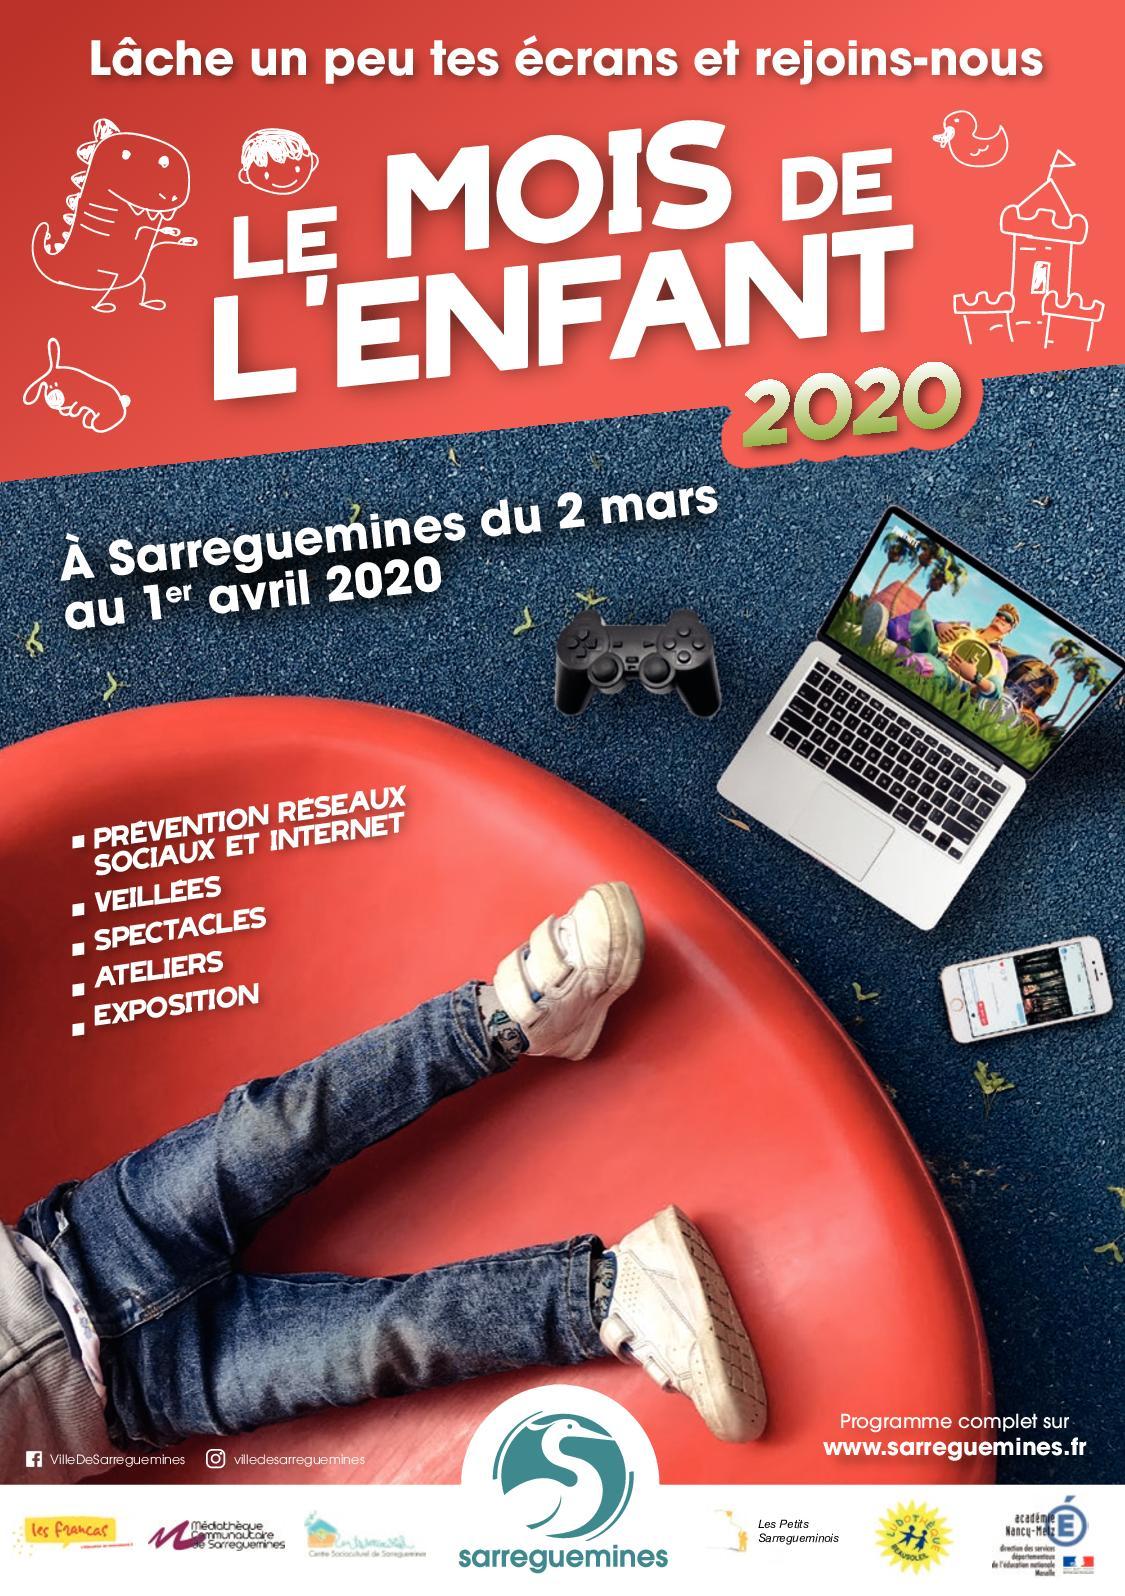 Le Mois De L'enfant 2020 - Dépliant